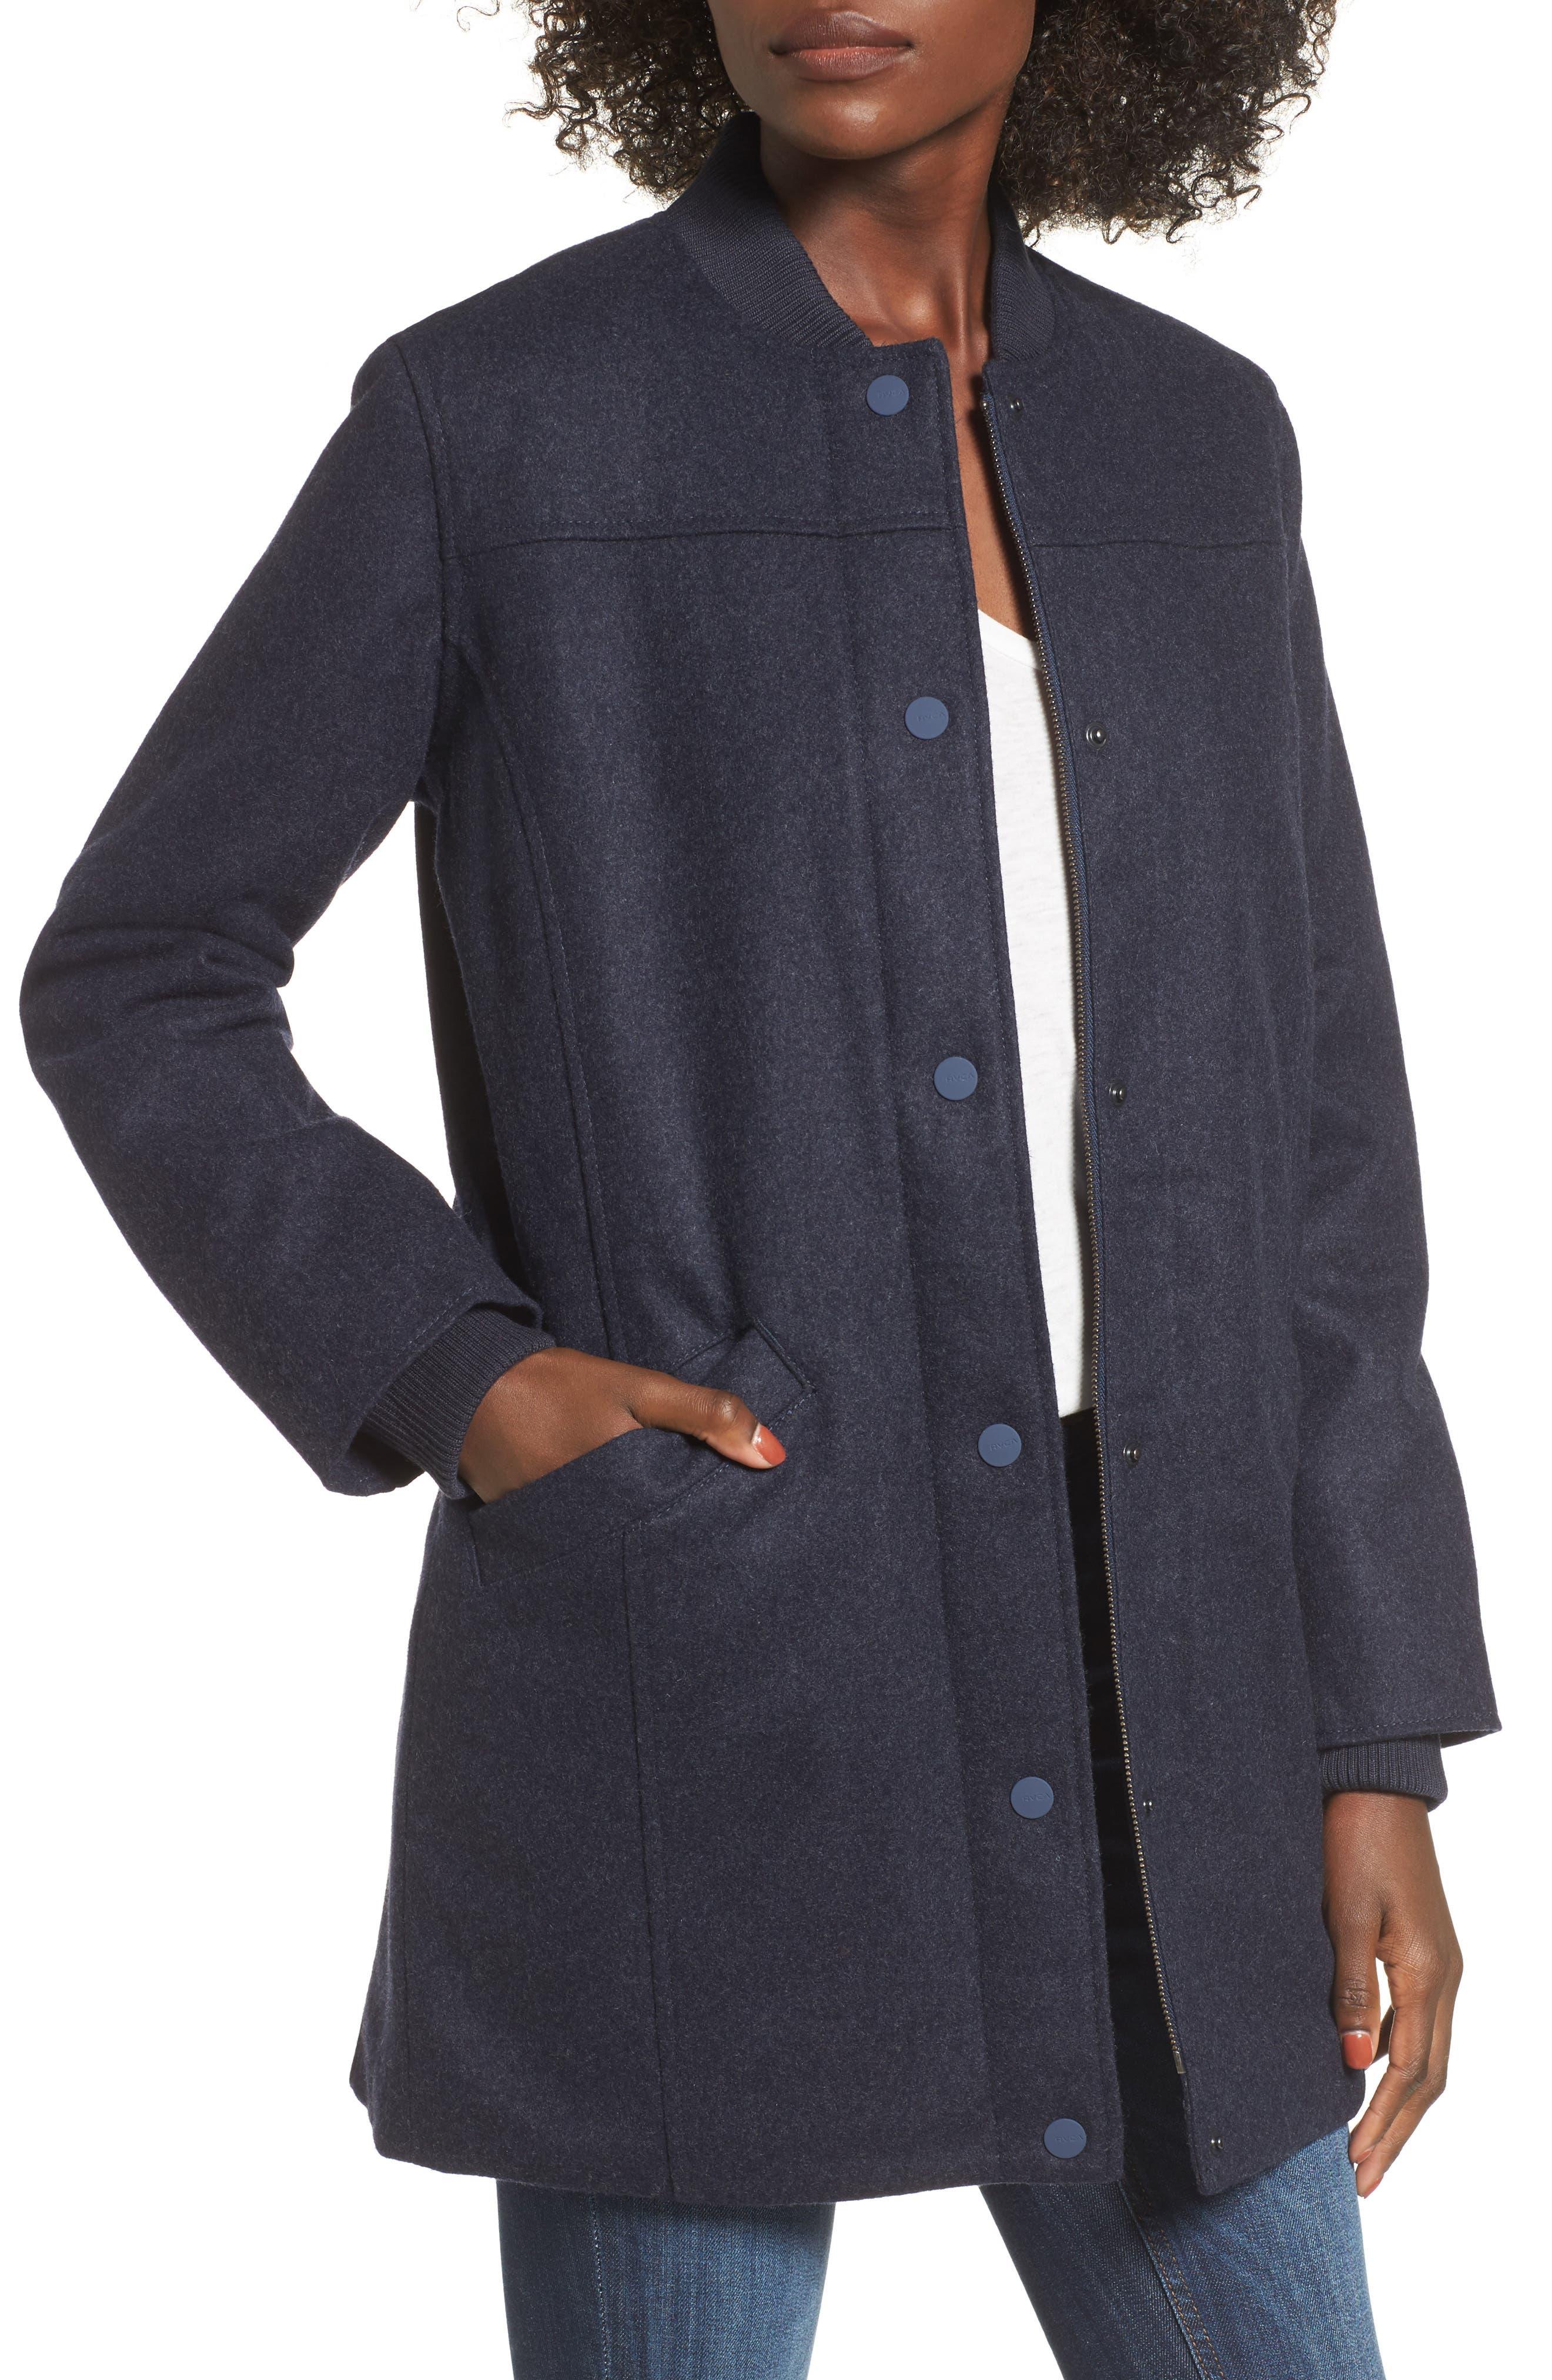 Mélange Bomber Jacket,                         Main,                         color, Federal Blue